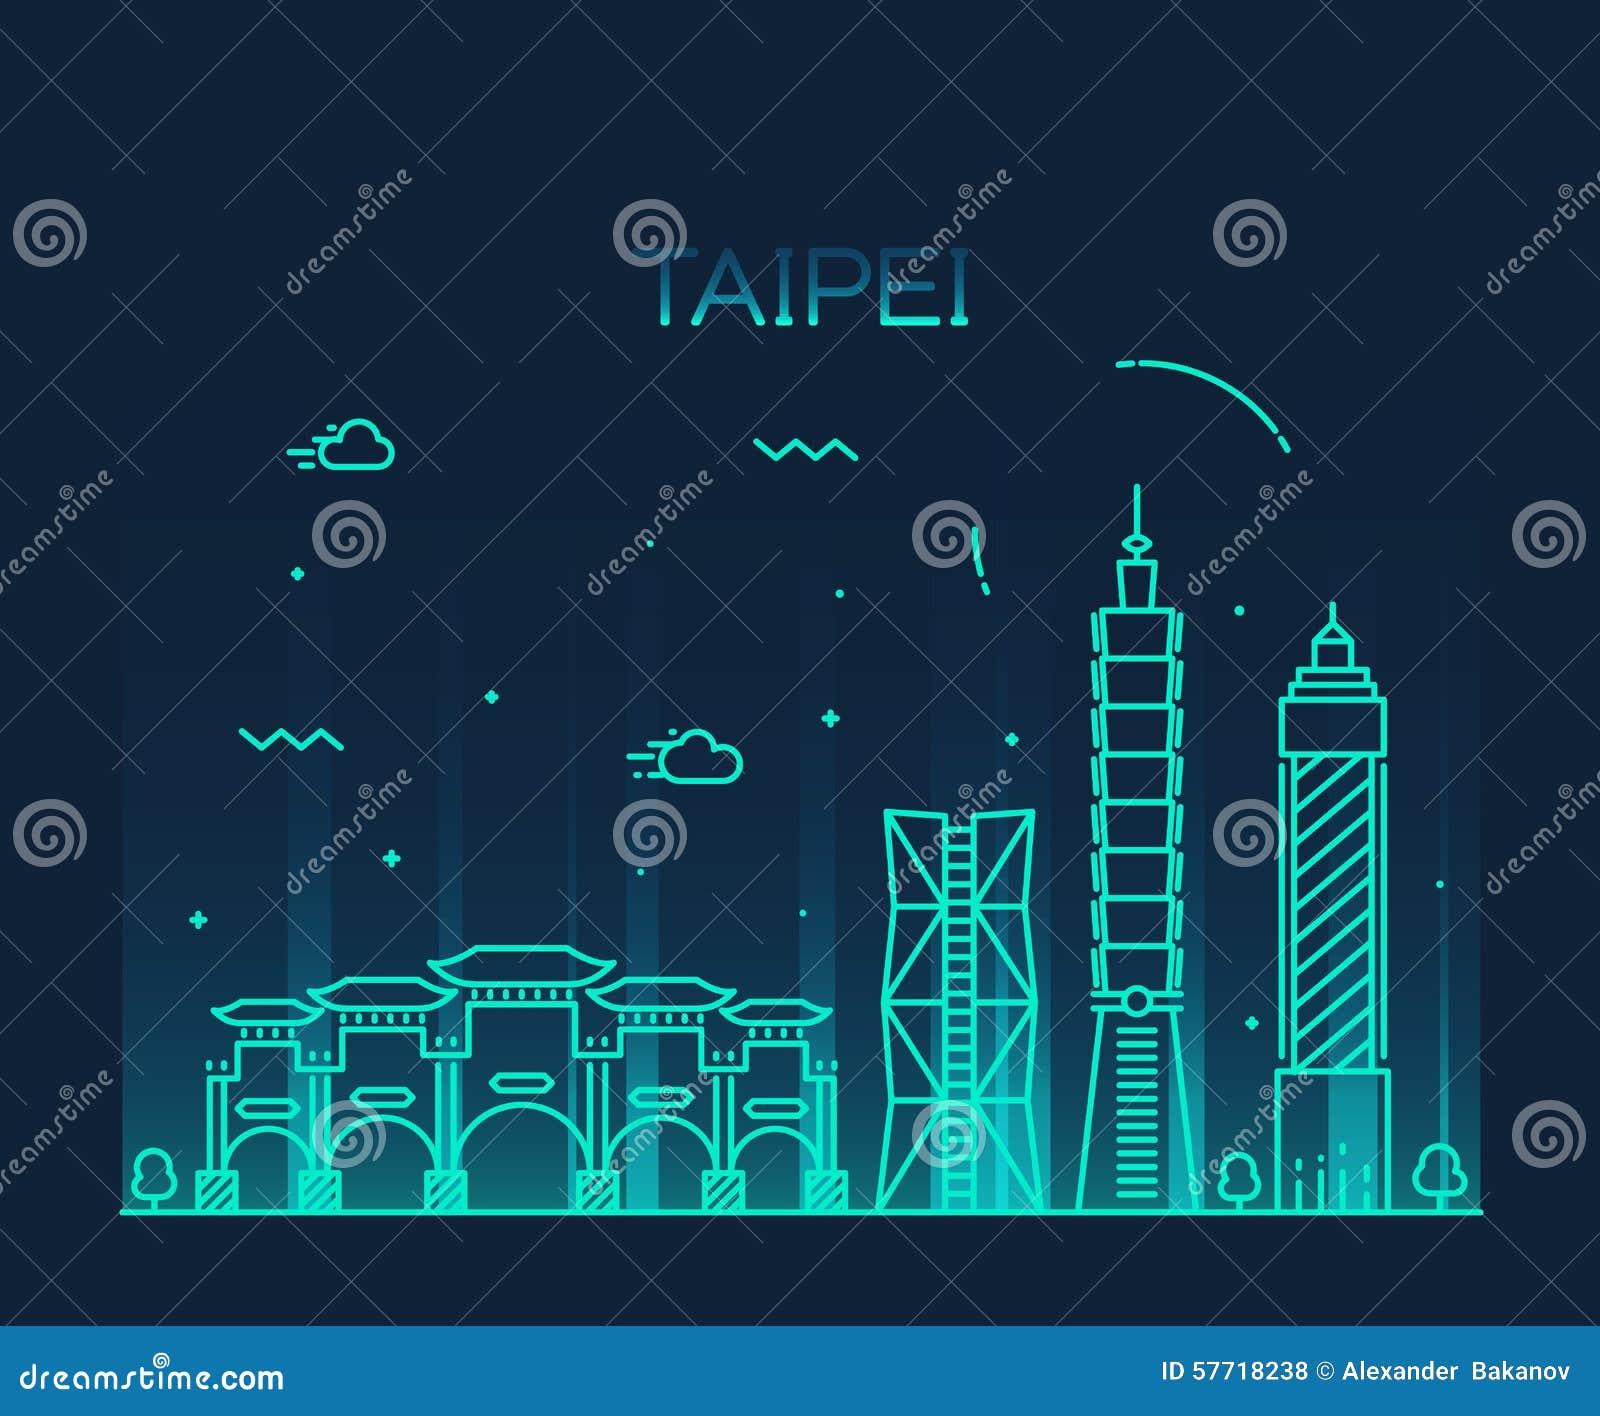 Taipei skyline silhouette